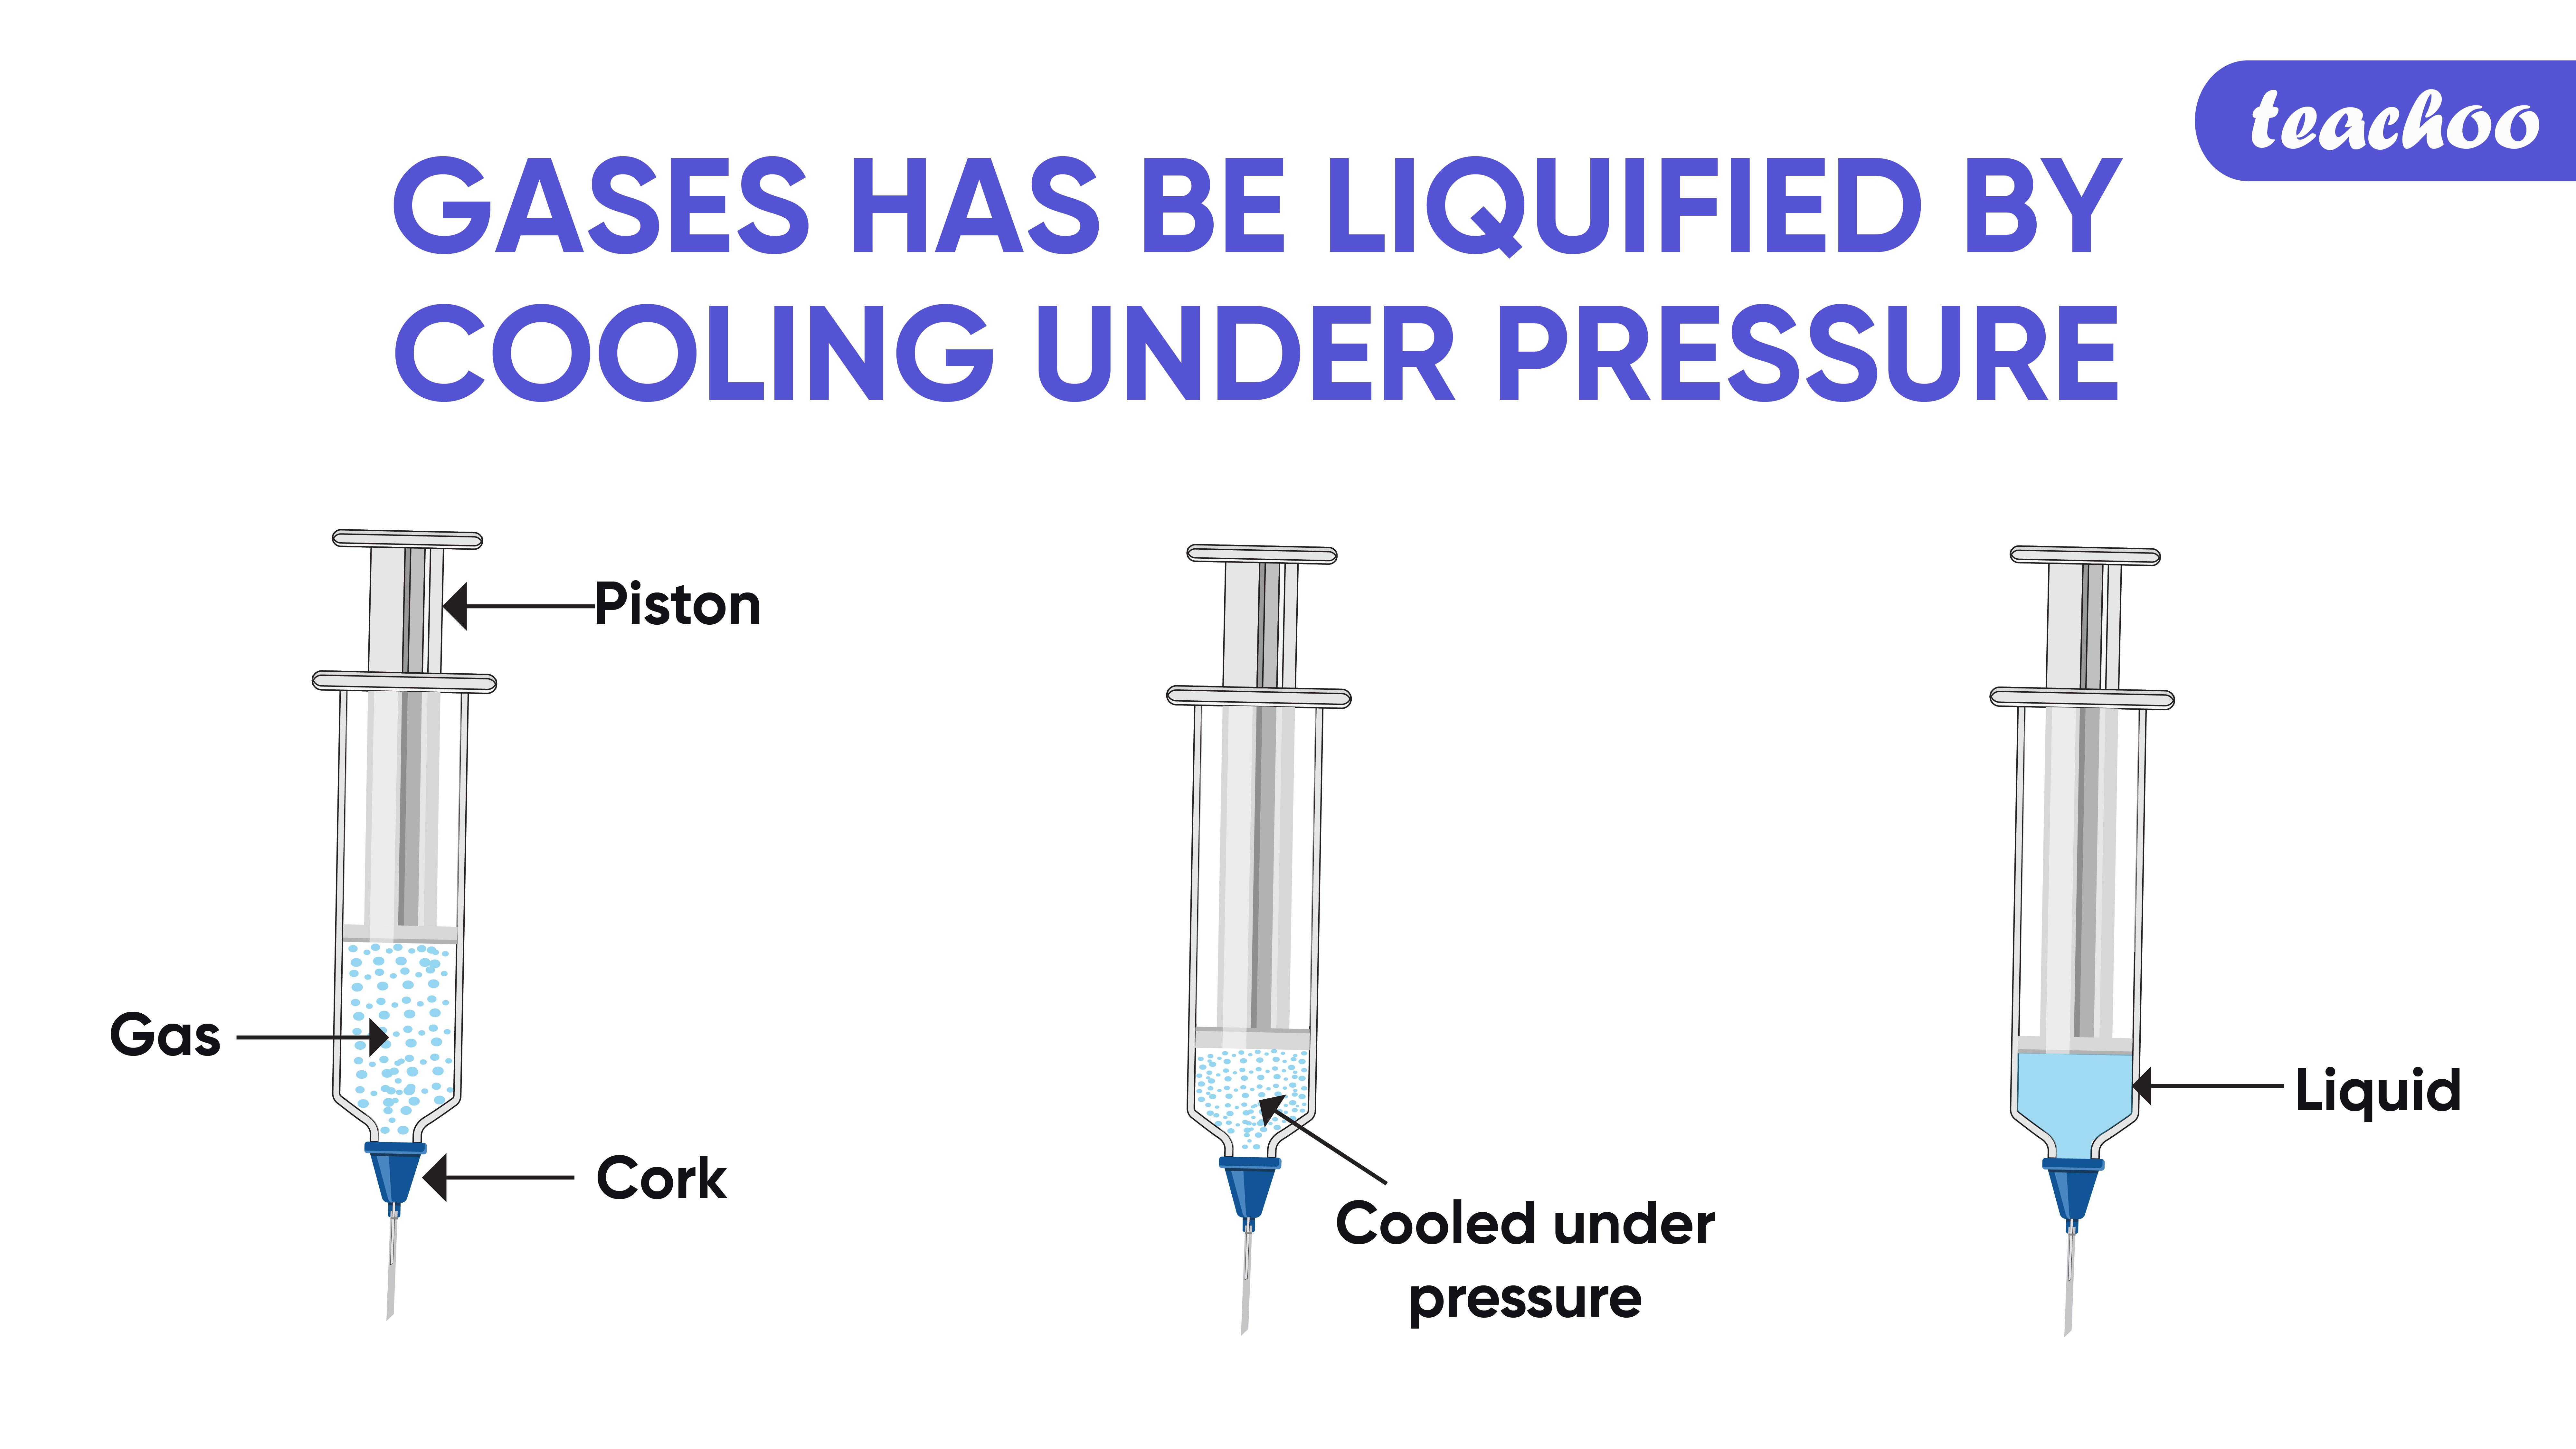 Gases has be liquified by cooling under pressure-Teachoo-01.jpg